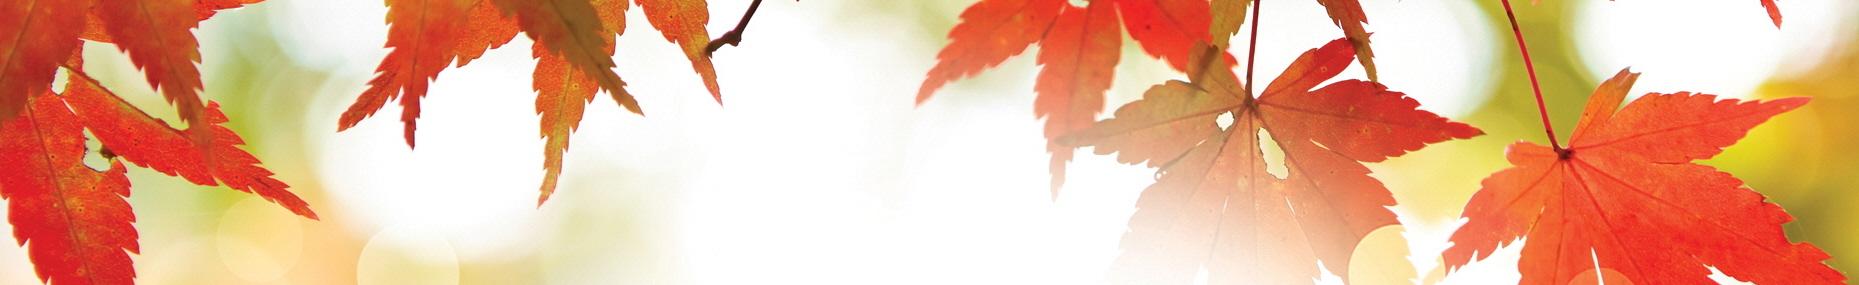 190818-2019가을두날개선교축제_행복한연합선교-배경